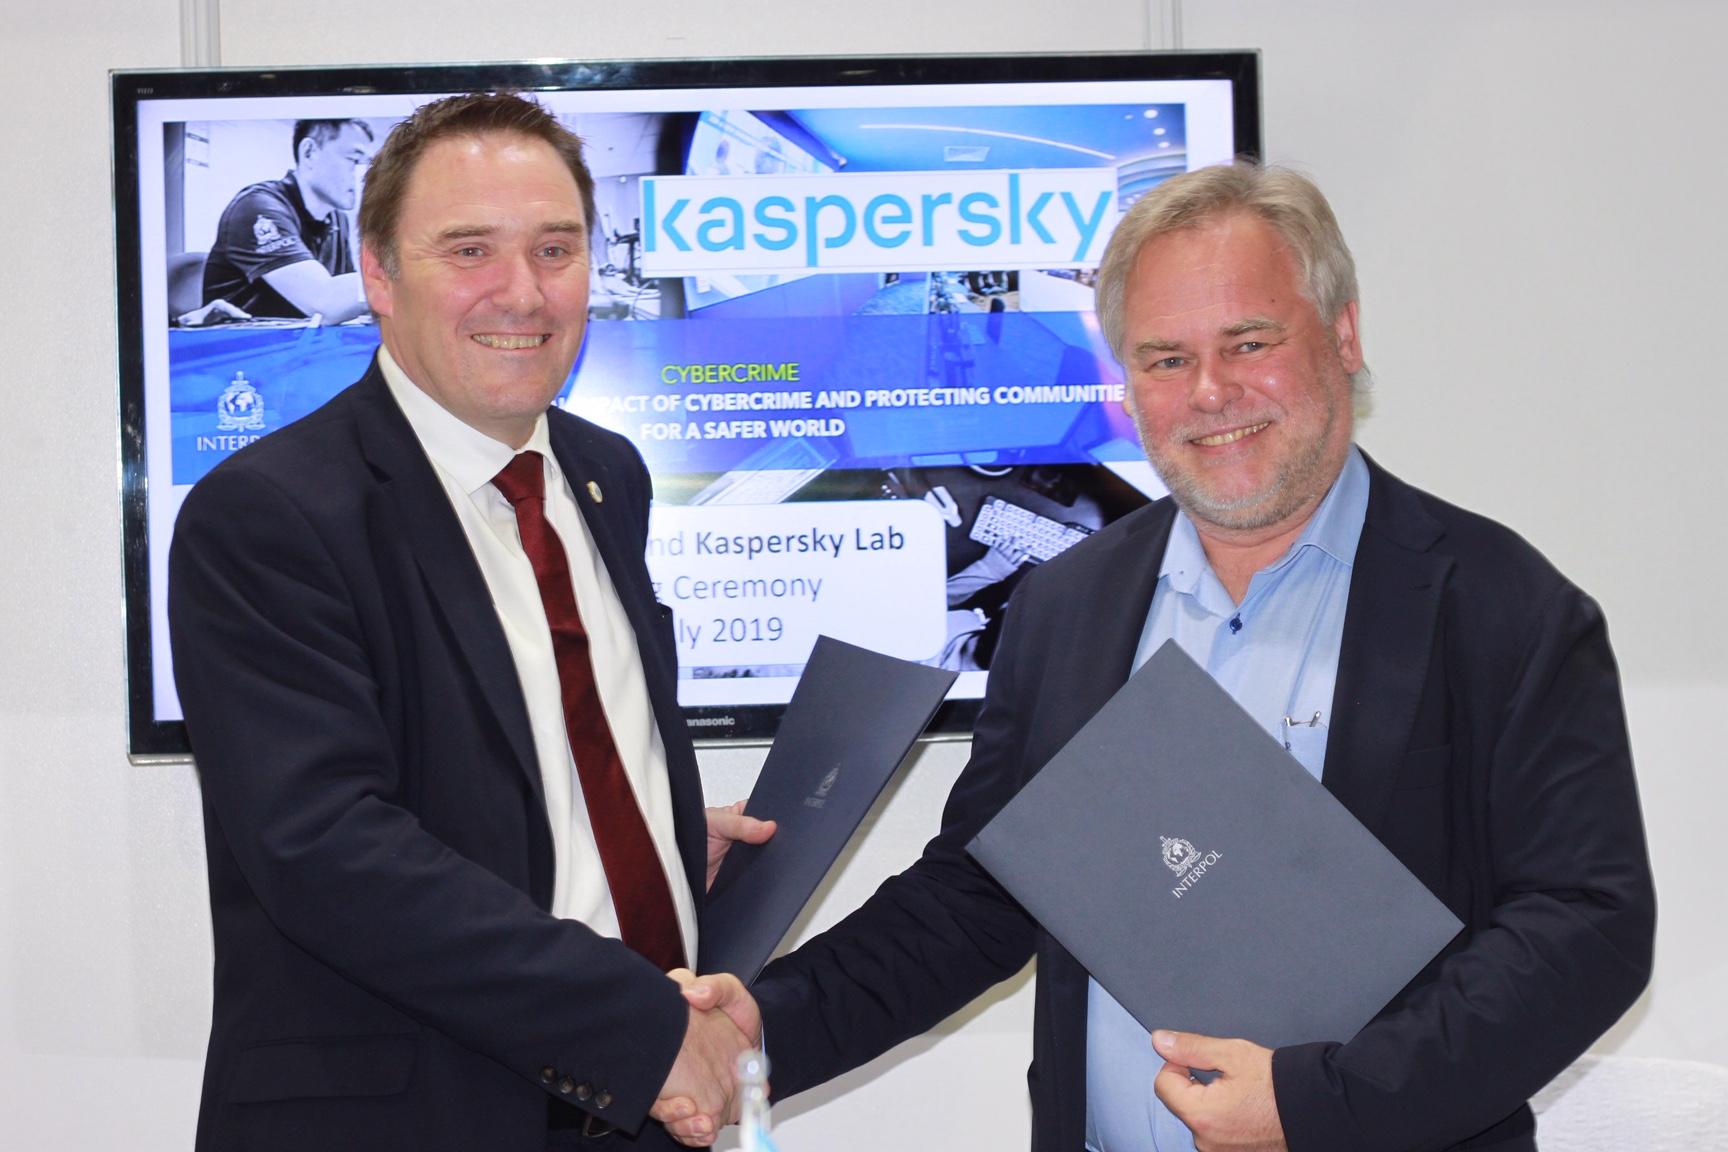 Kaspersky in Interpol